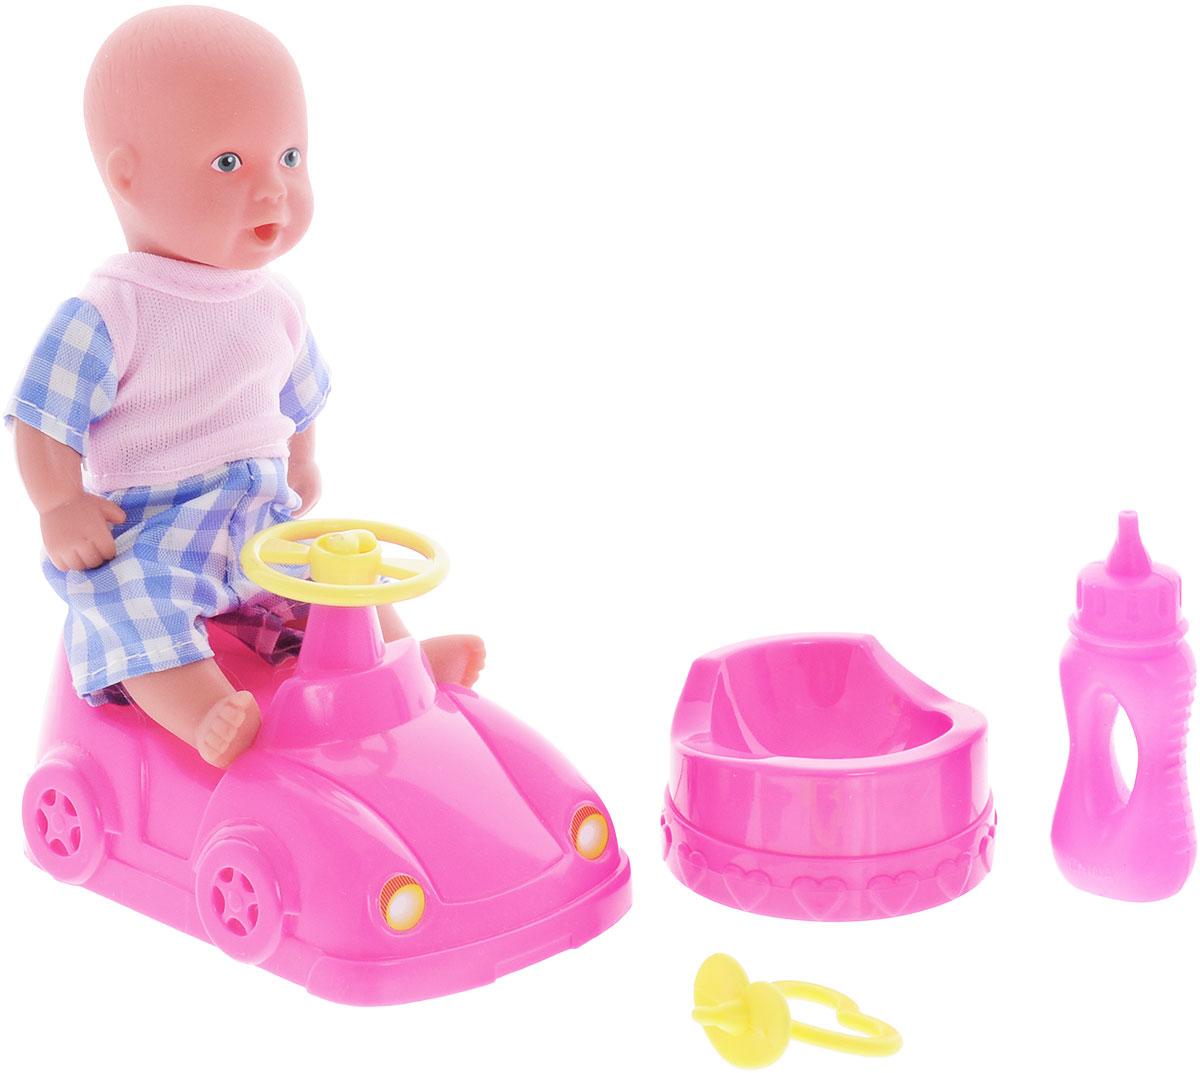 Simba Игровой набор Новорожденный с машинкой цвет одежды розовый голубой5039806_розовый,синийИгровой набор с пупсом Simba Новорожденный непременно приведет в восторг вашу дочурку. Пупс выполнен из высококачественного пластика. В набор входят: кукла-пупс, машинка, горшок, бутылочка и пустышка. Пупс пьет и писает, совсем как настоящий малыш! Просто напоите ее из входящей в набор бутылочки, и через некоторое время кукла пописает. Руки, ноги и голова куклы подвижны, что позволяет придавать ей разнообразные позы. Игры с куклой способствуют эмоциональному развитию, помогают формировать воображение и художественный вкус, а также разовьют в вашей малышке чувство ответственности и заботы. Великолепное качество исполнения делают этот набор чудесным подарком к любому празднику.